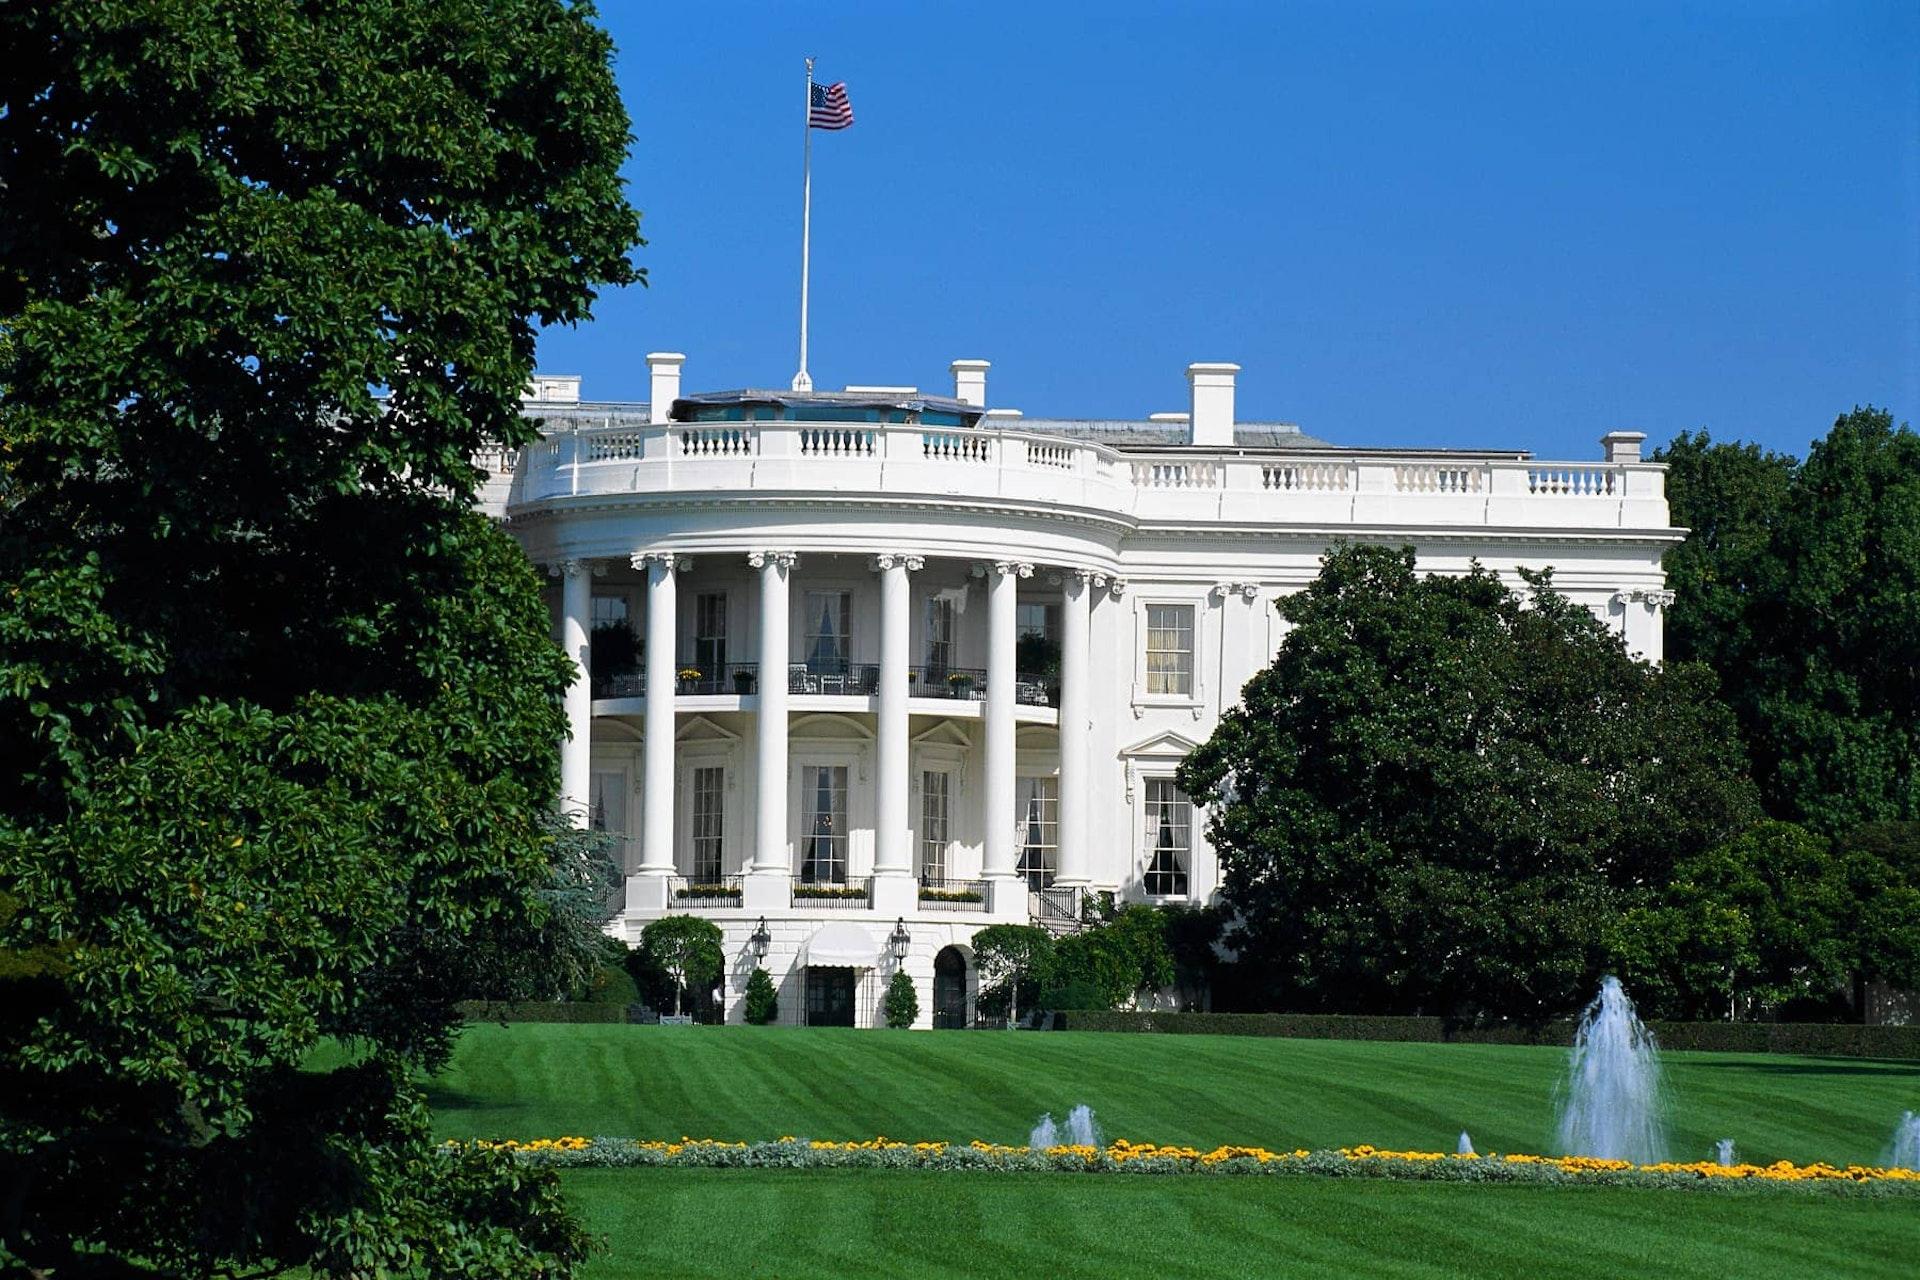 Exterior of The White House, Washington DC